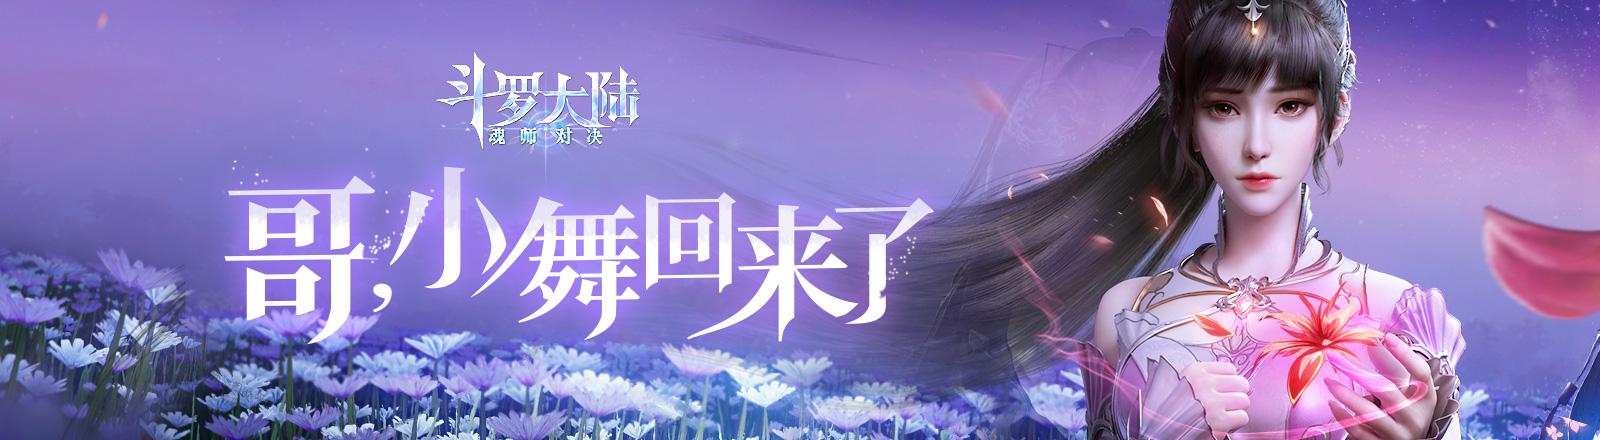 斗罗大陆:魂师对决(测试服)电脑版